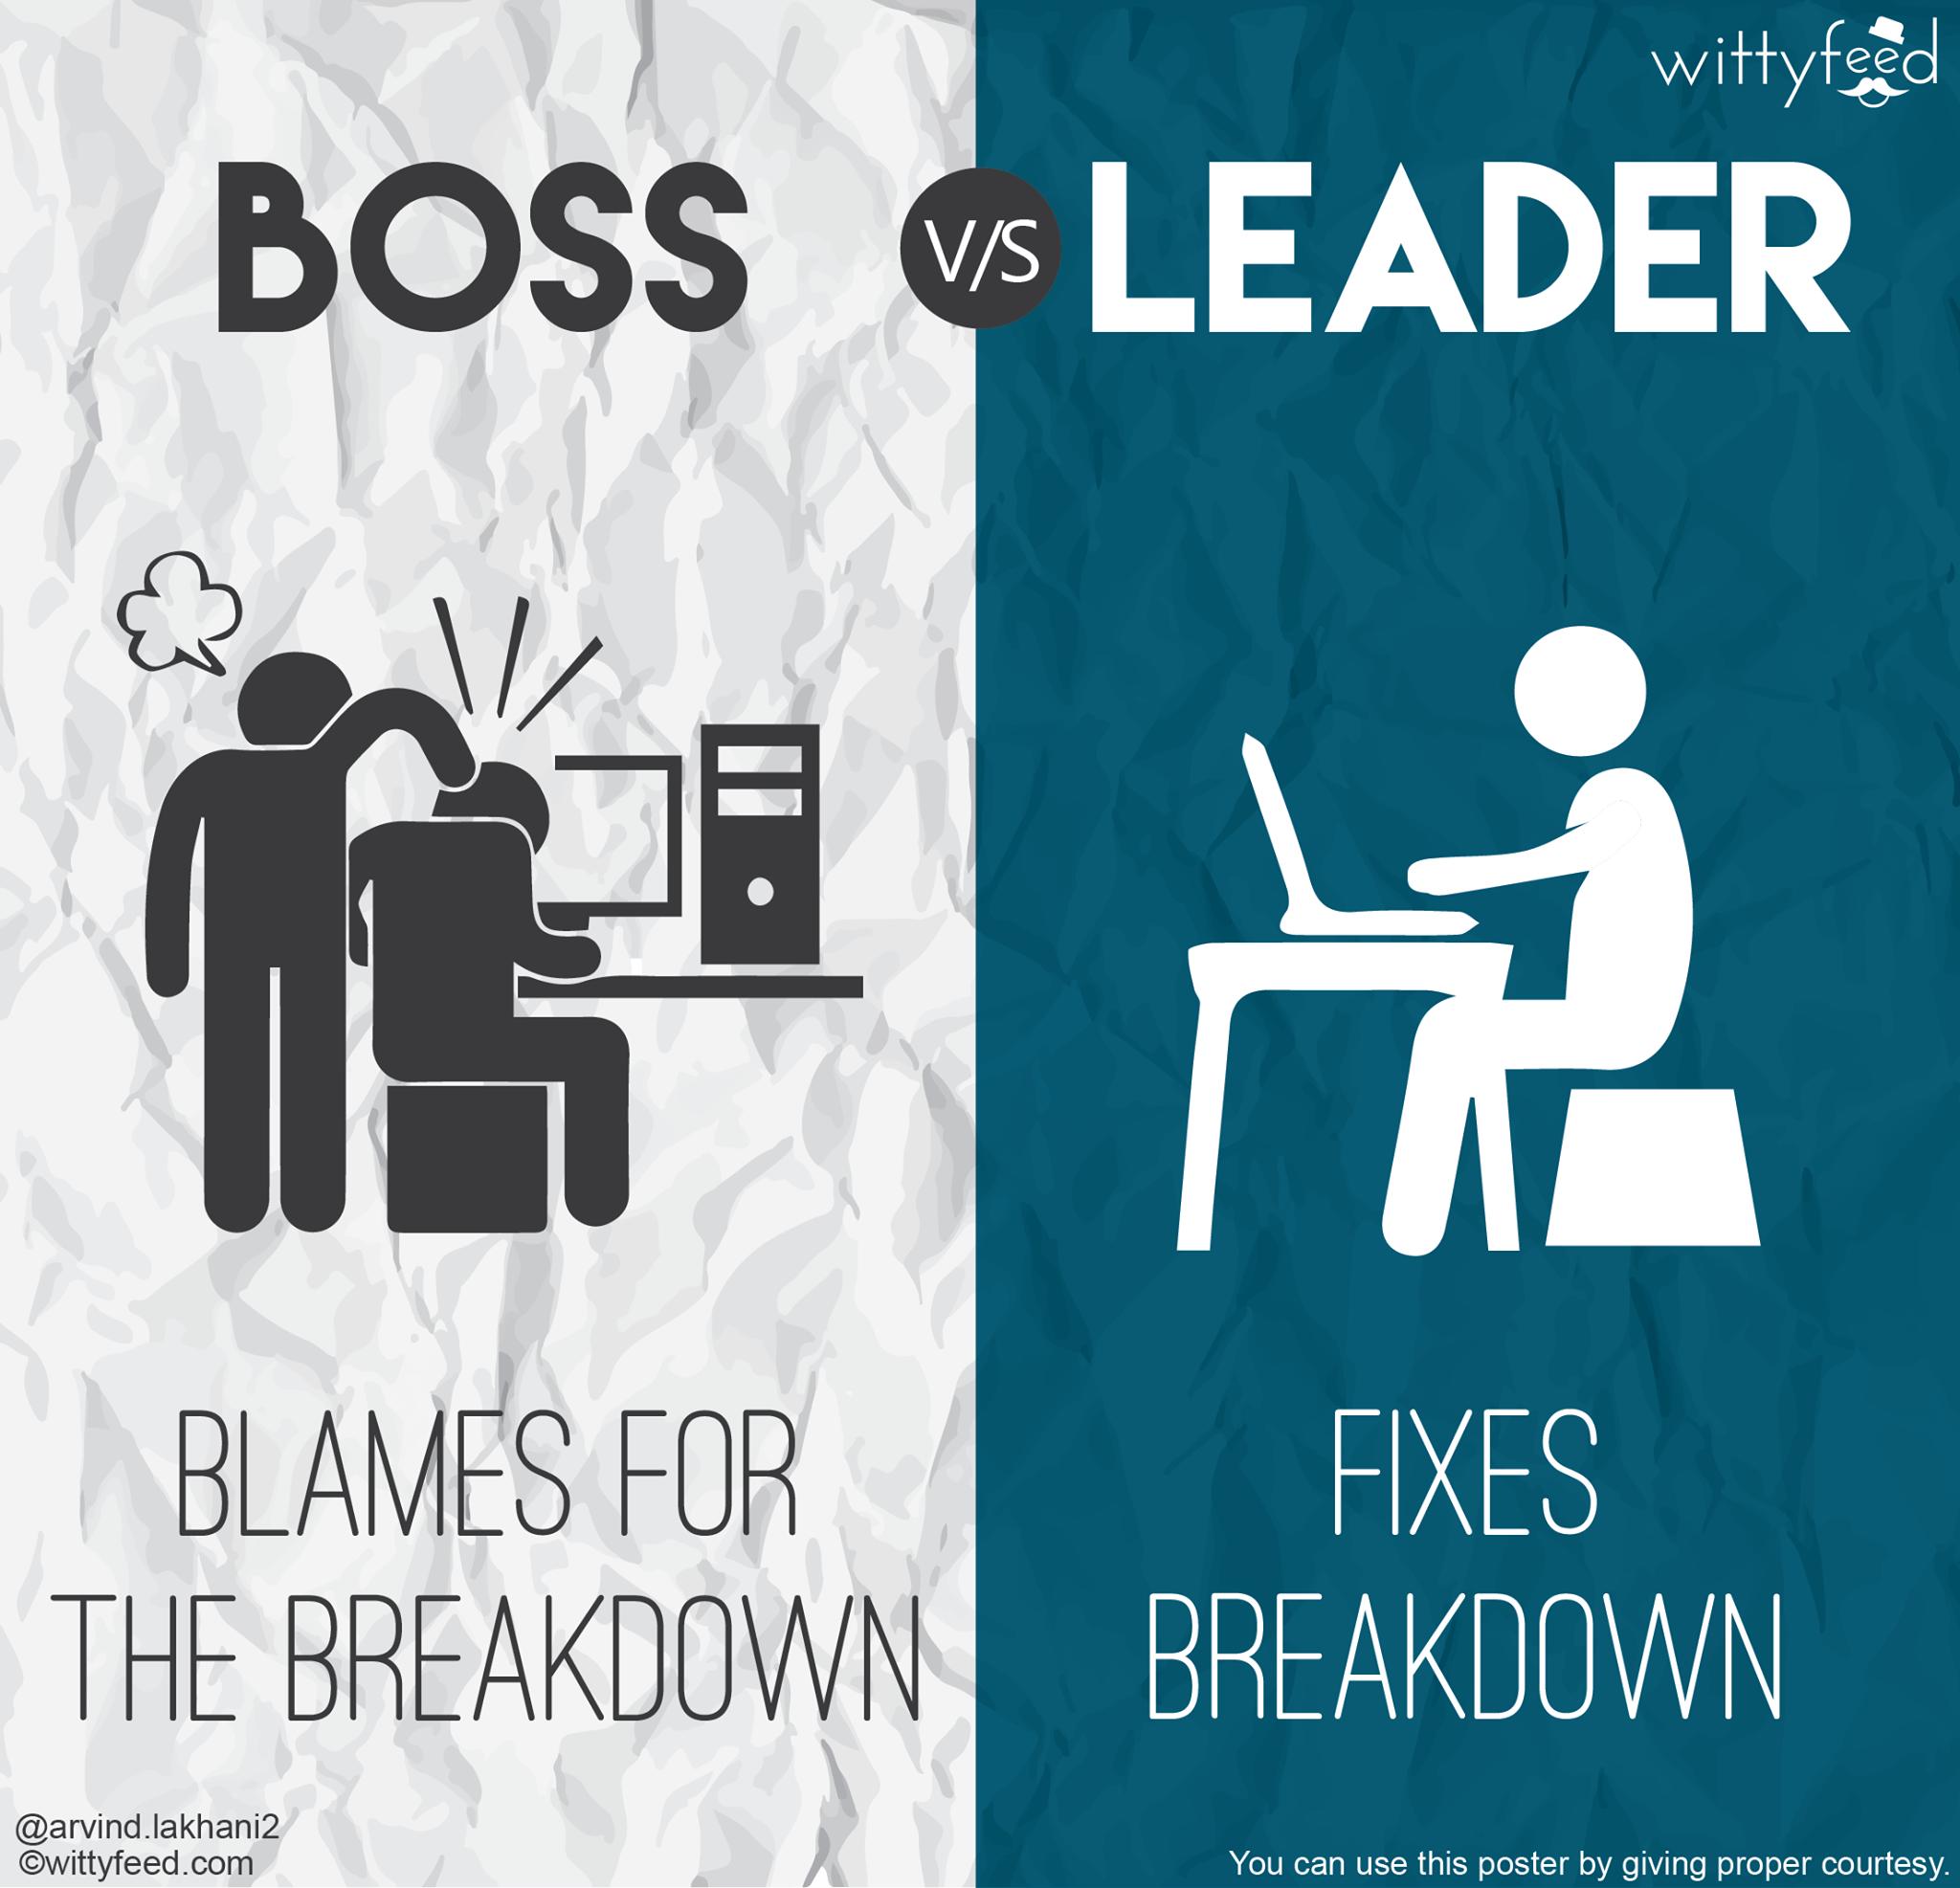 Boss vs. leader 5